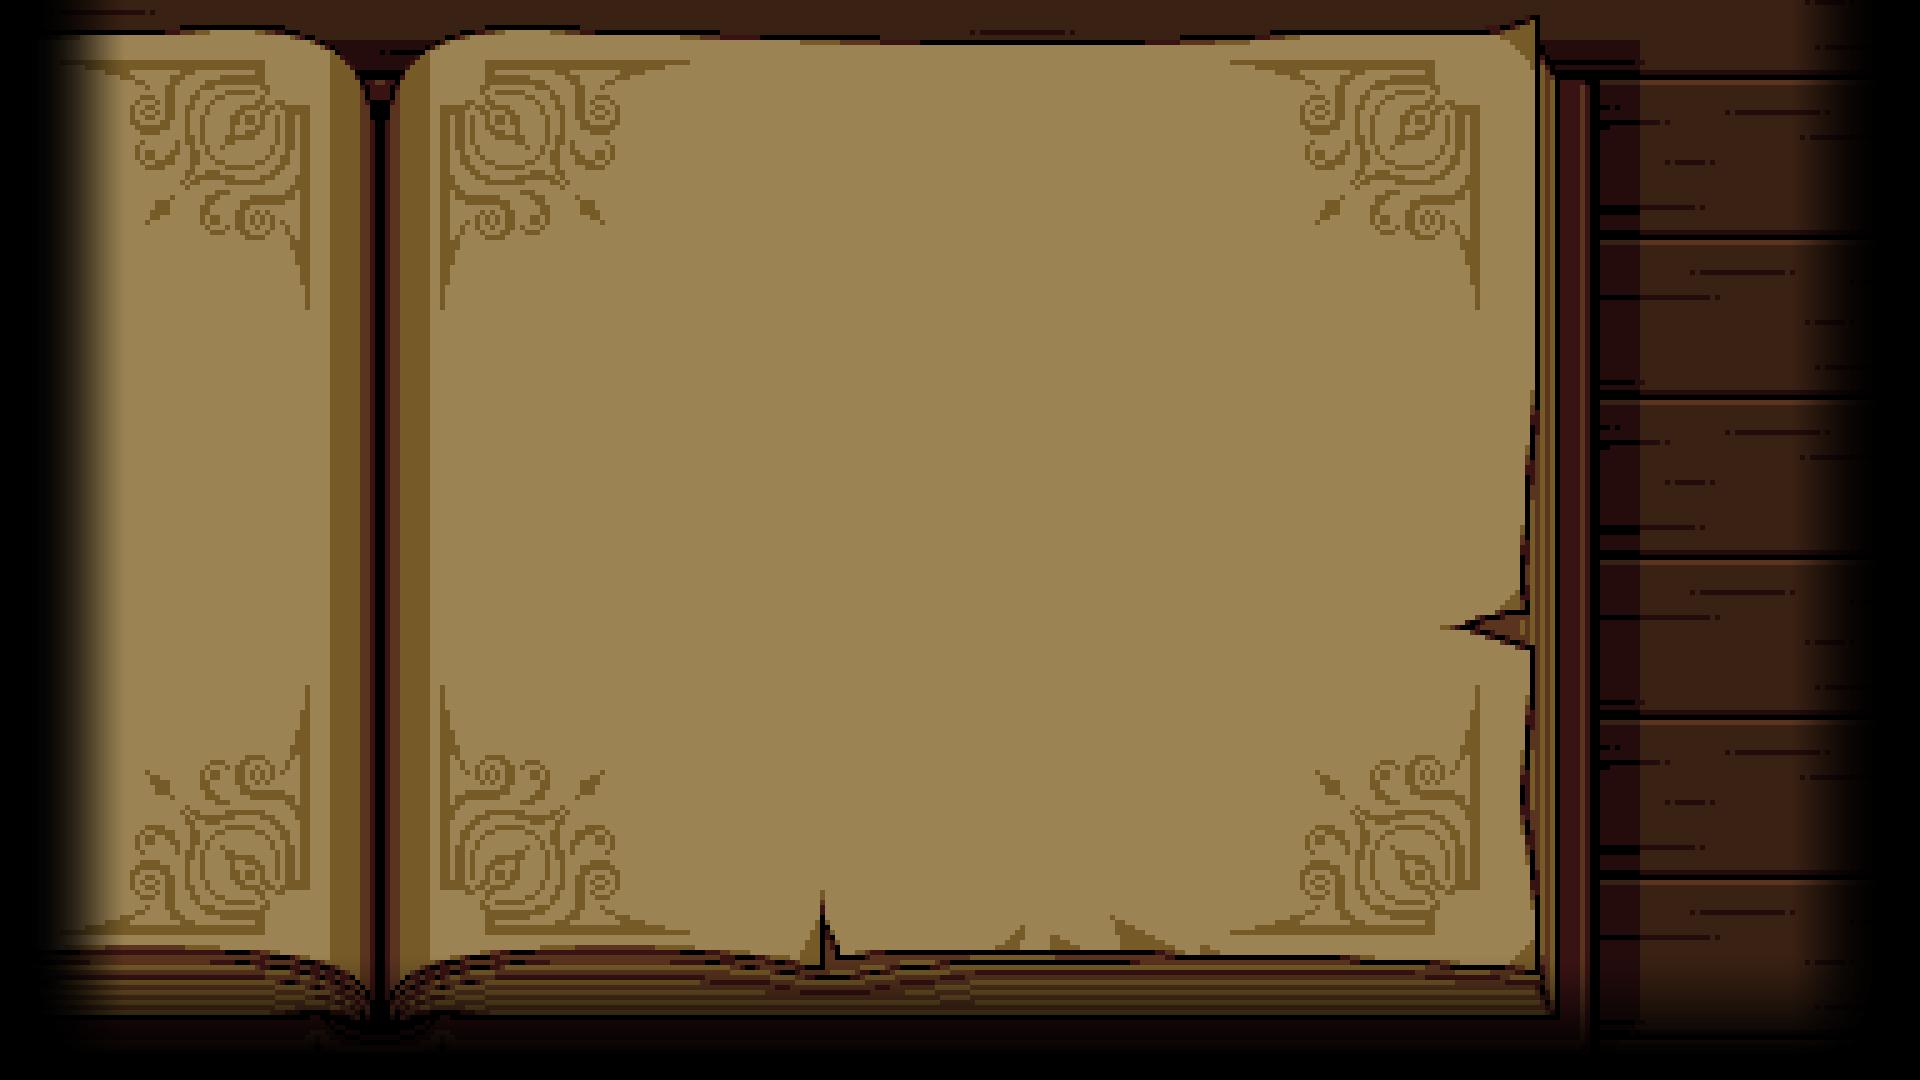 wallpaper golden book open - photo #33